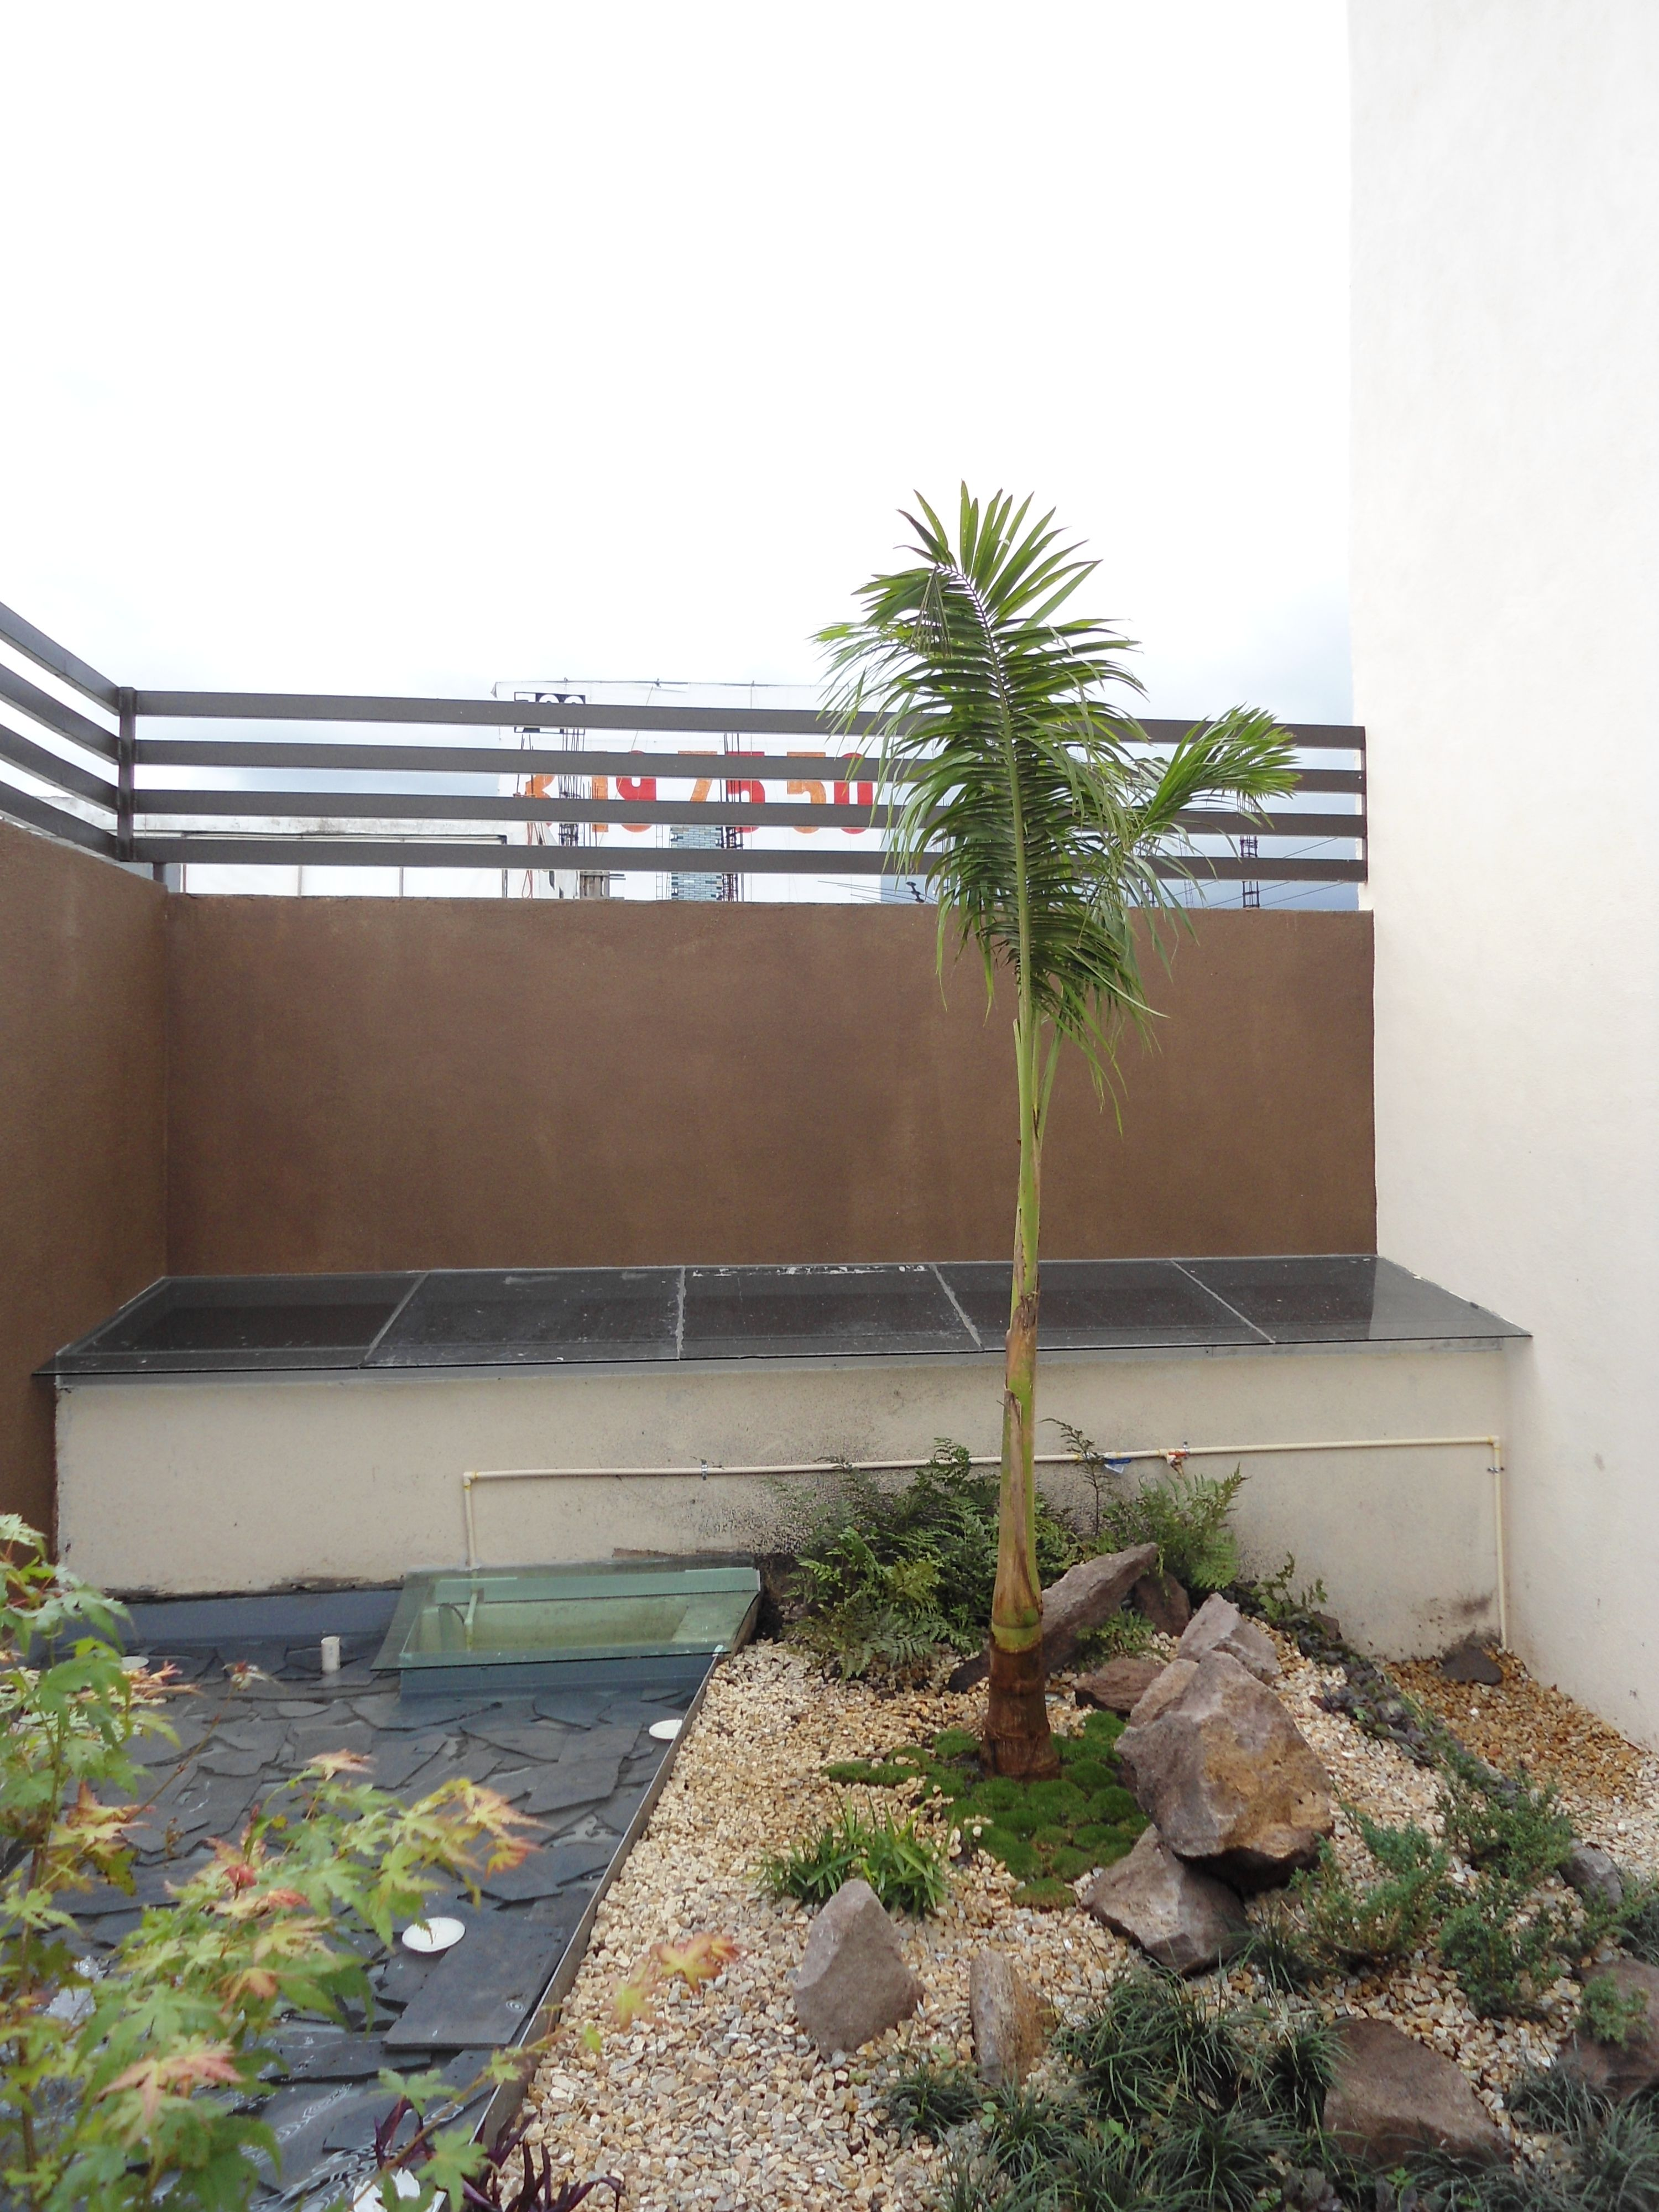 Un peque o Roof GArden trabajo con dise o de jardin con riego por